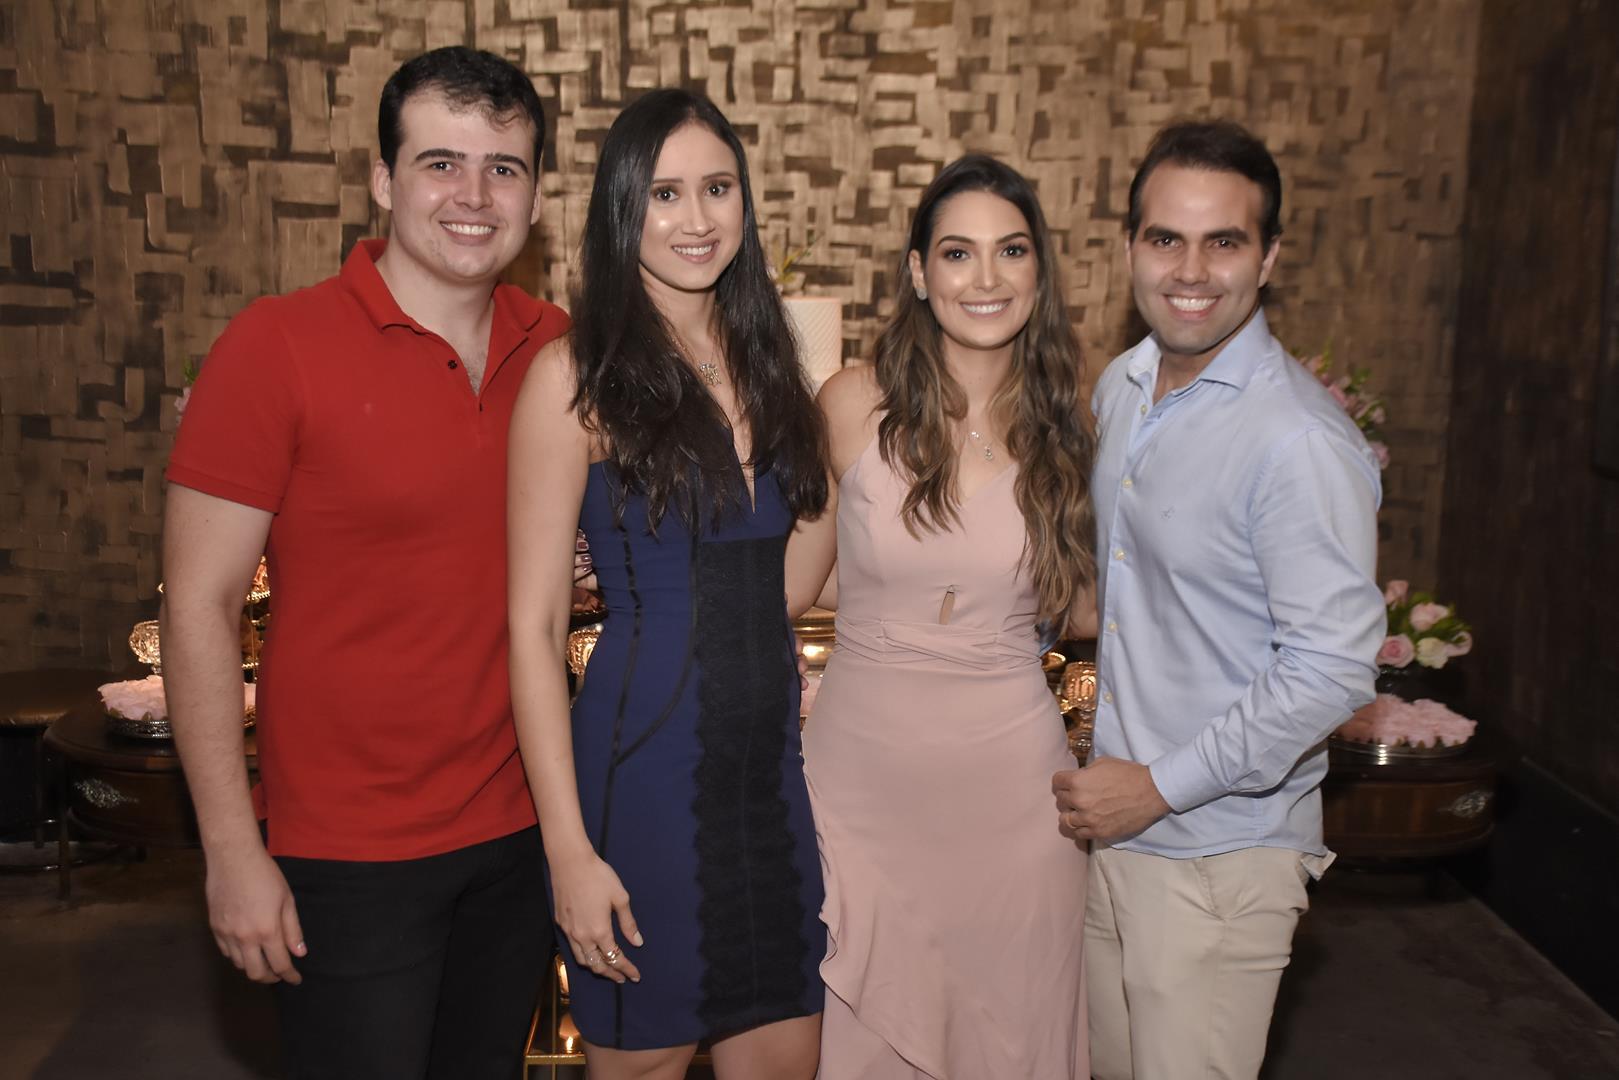 Aristides Pereira, Thais Fiuza, Catarina Moreno e Andre Guanabara